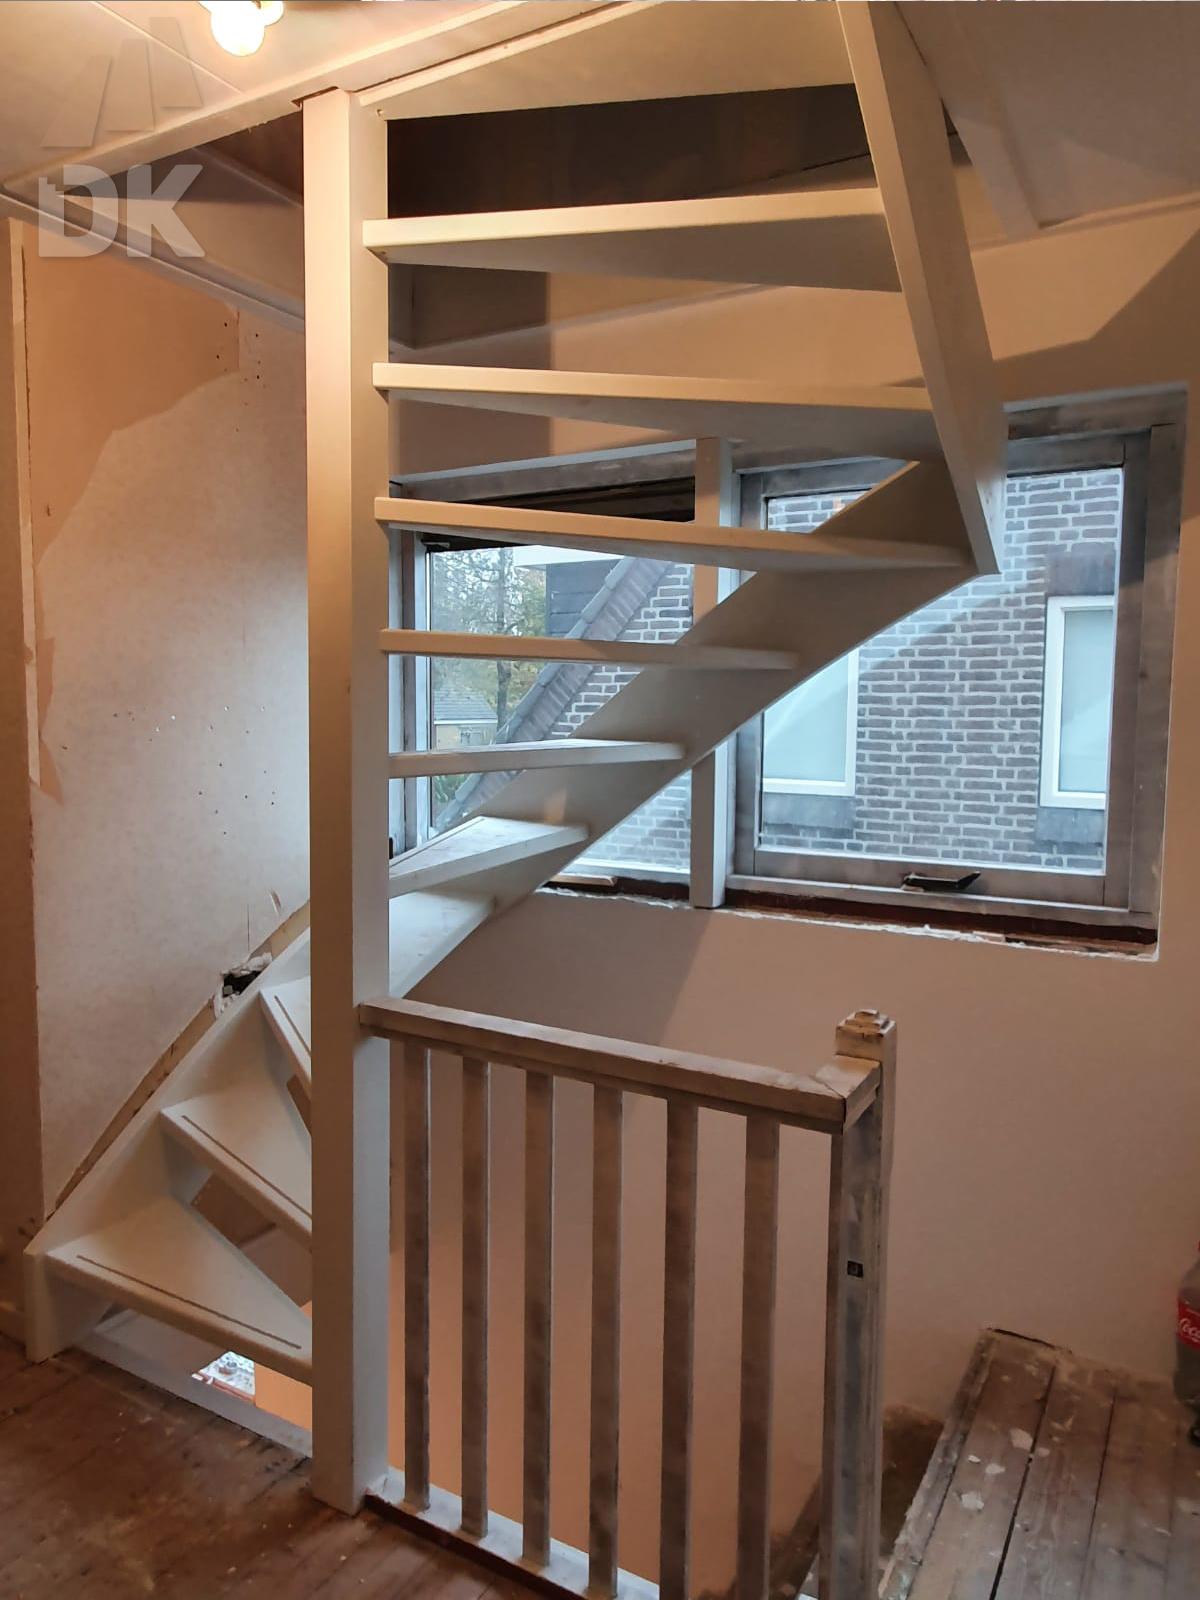 Zoldertrap met balustrade - Foto 1